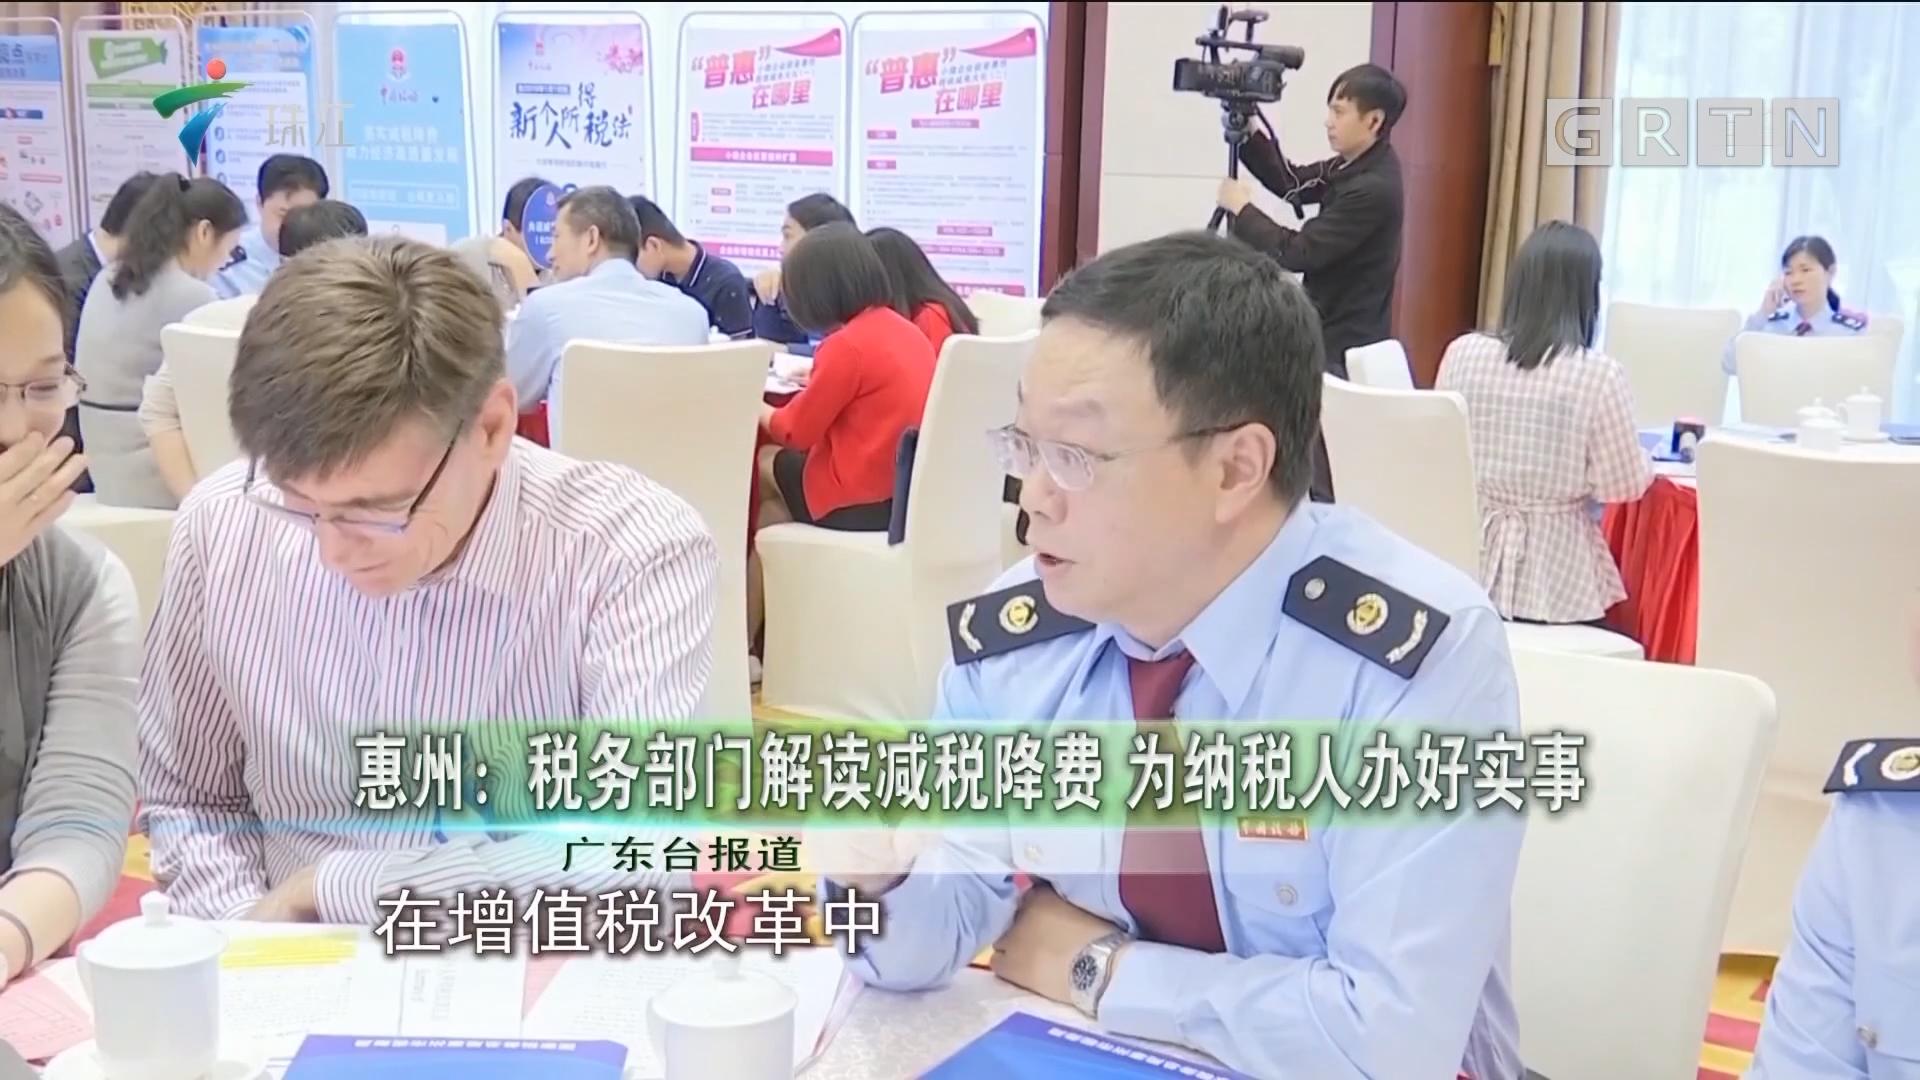 惠州:税务部门解读减税降费 为纳税人办好实事